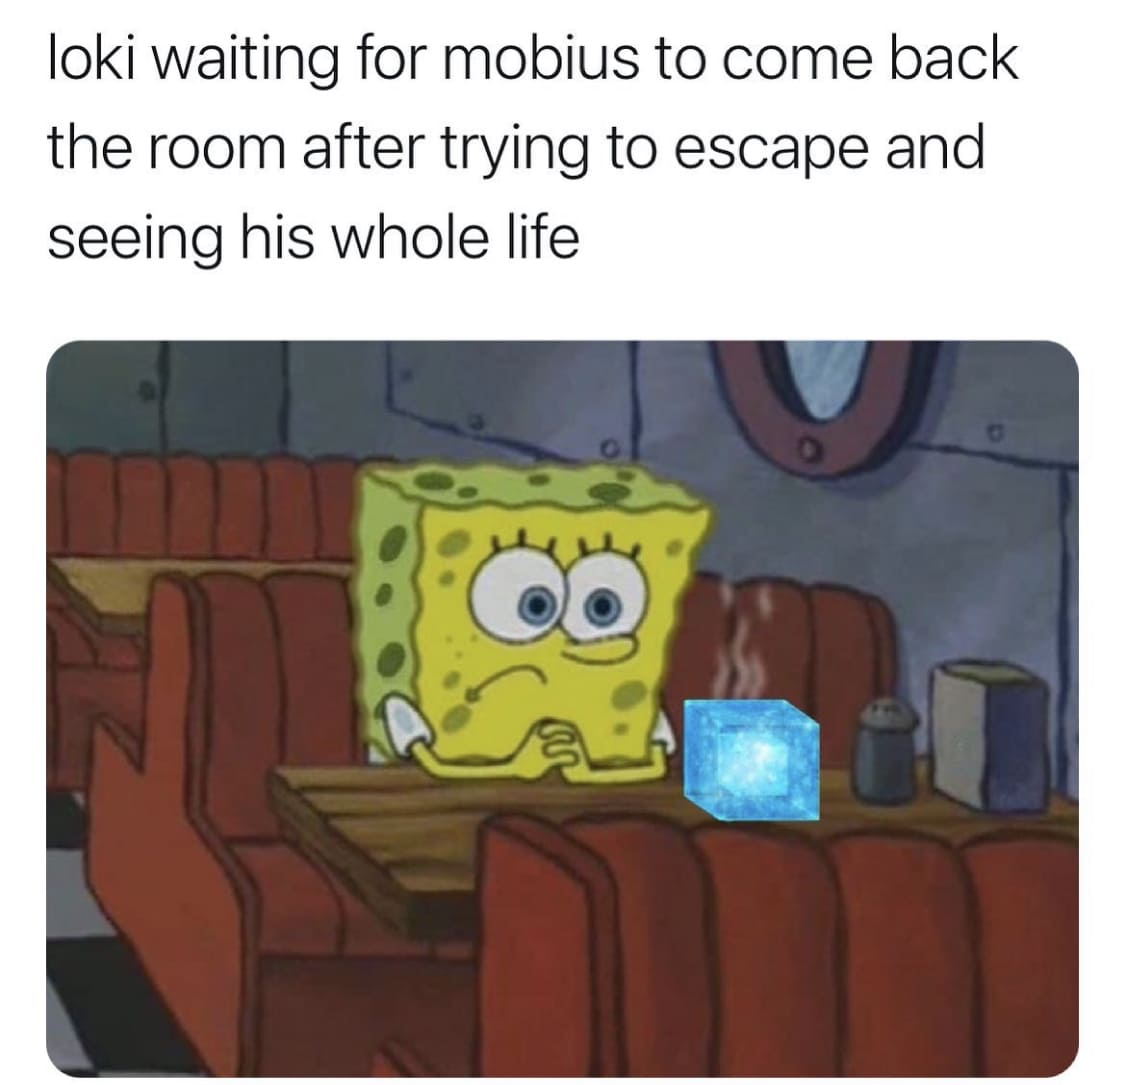 loki memes spongebob